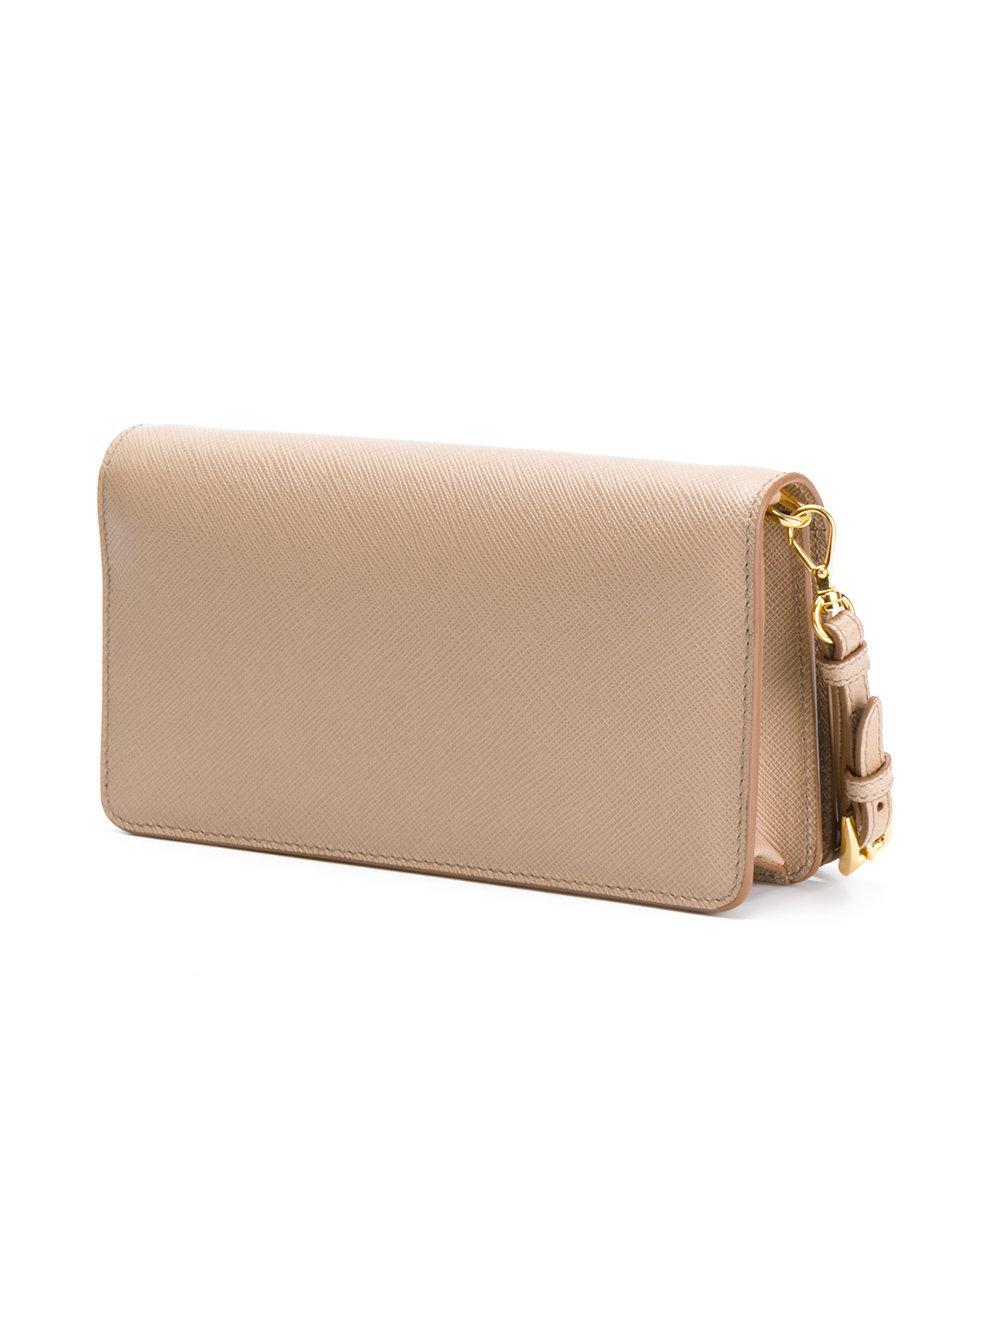 b2dcde2f7648d9 Prada Saffiano Wrist Clutch Bag in Natural - Lyst